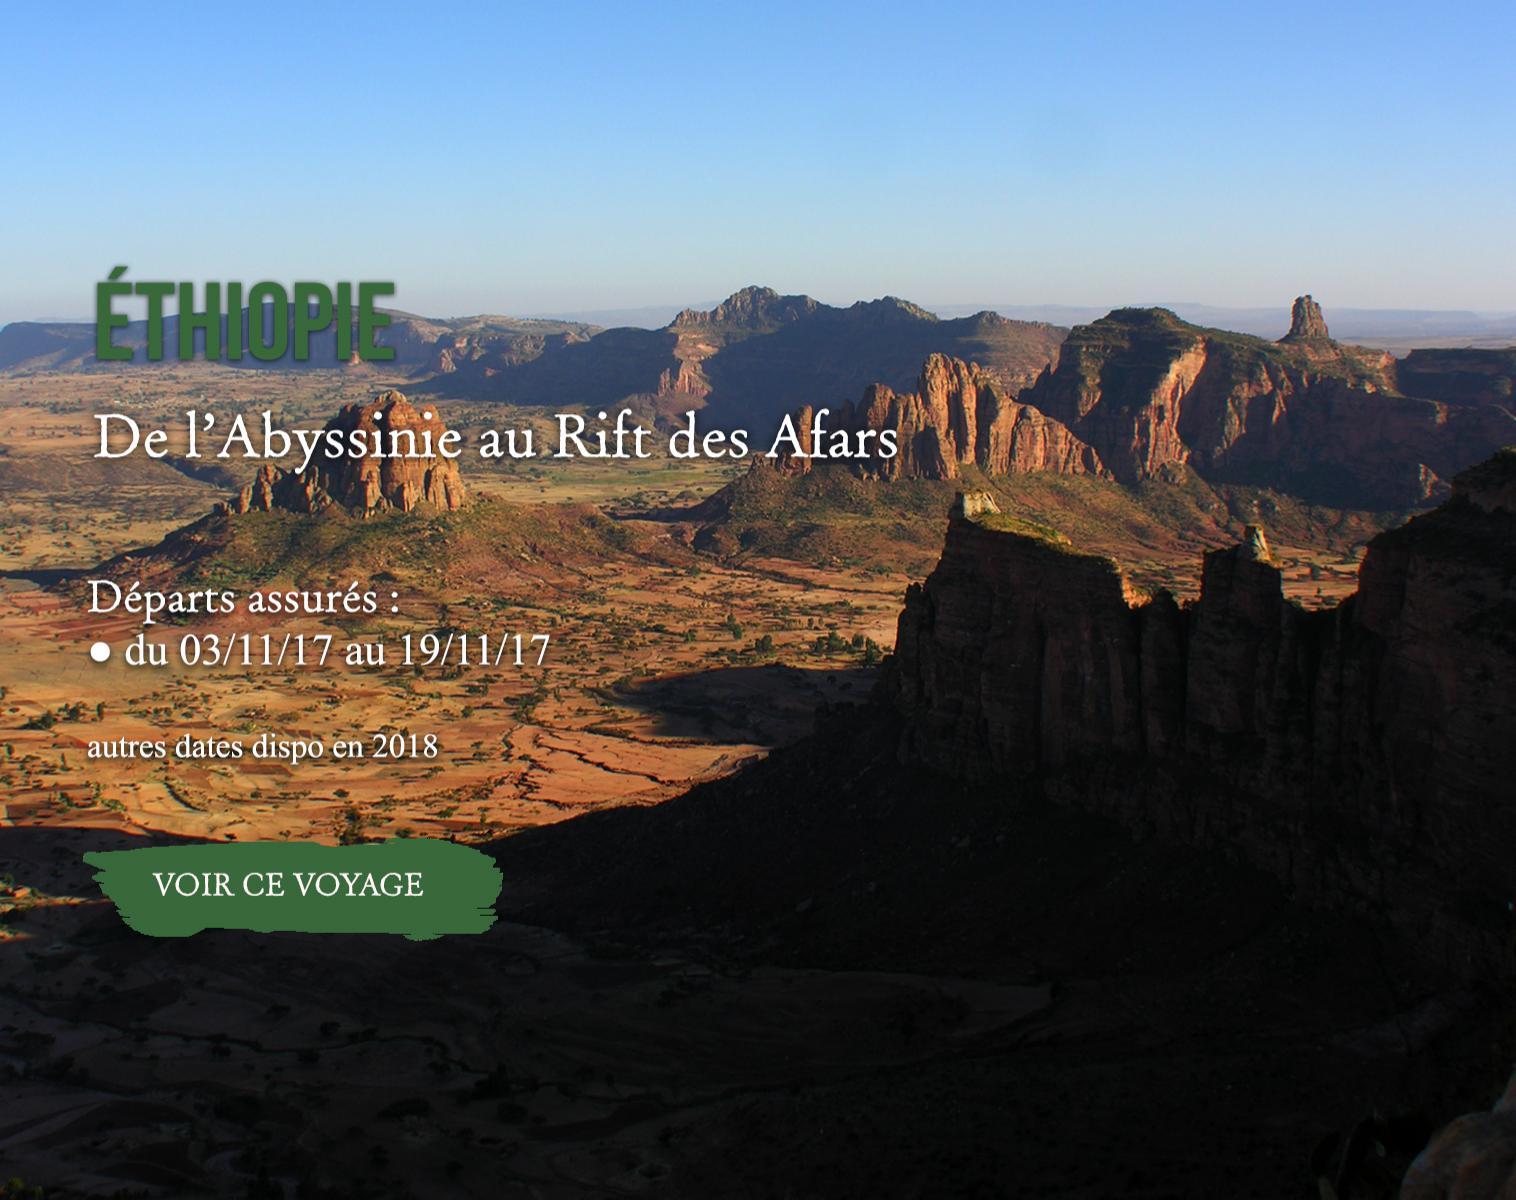 Ethiopie, de l'Abyssinie au Rift des Afars